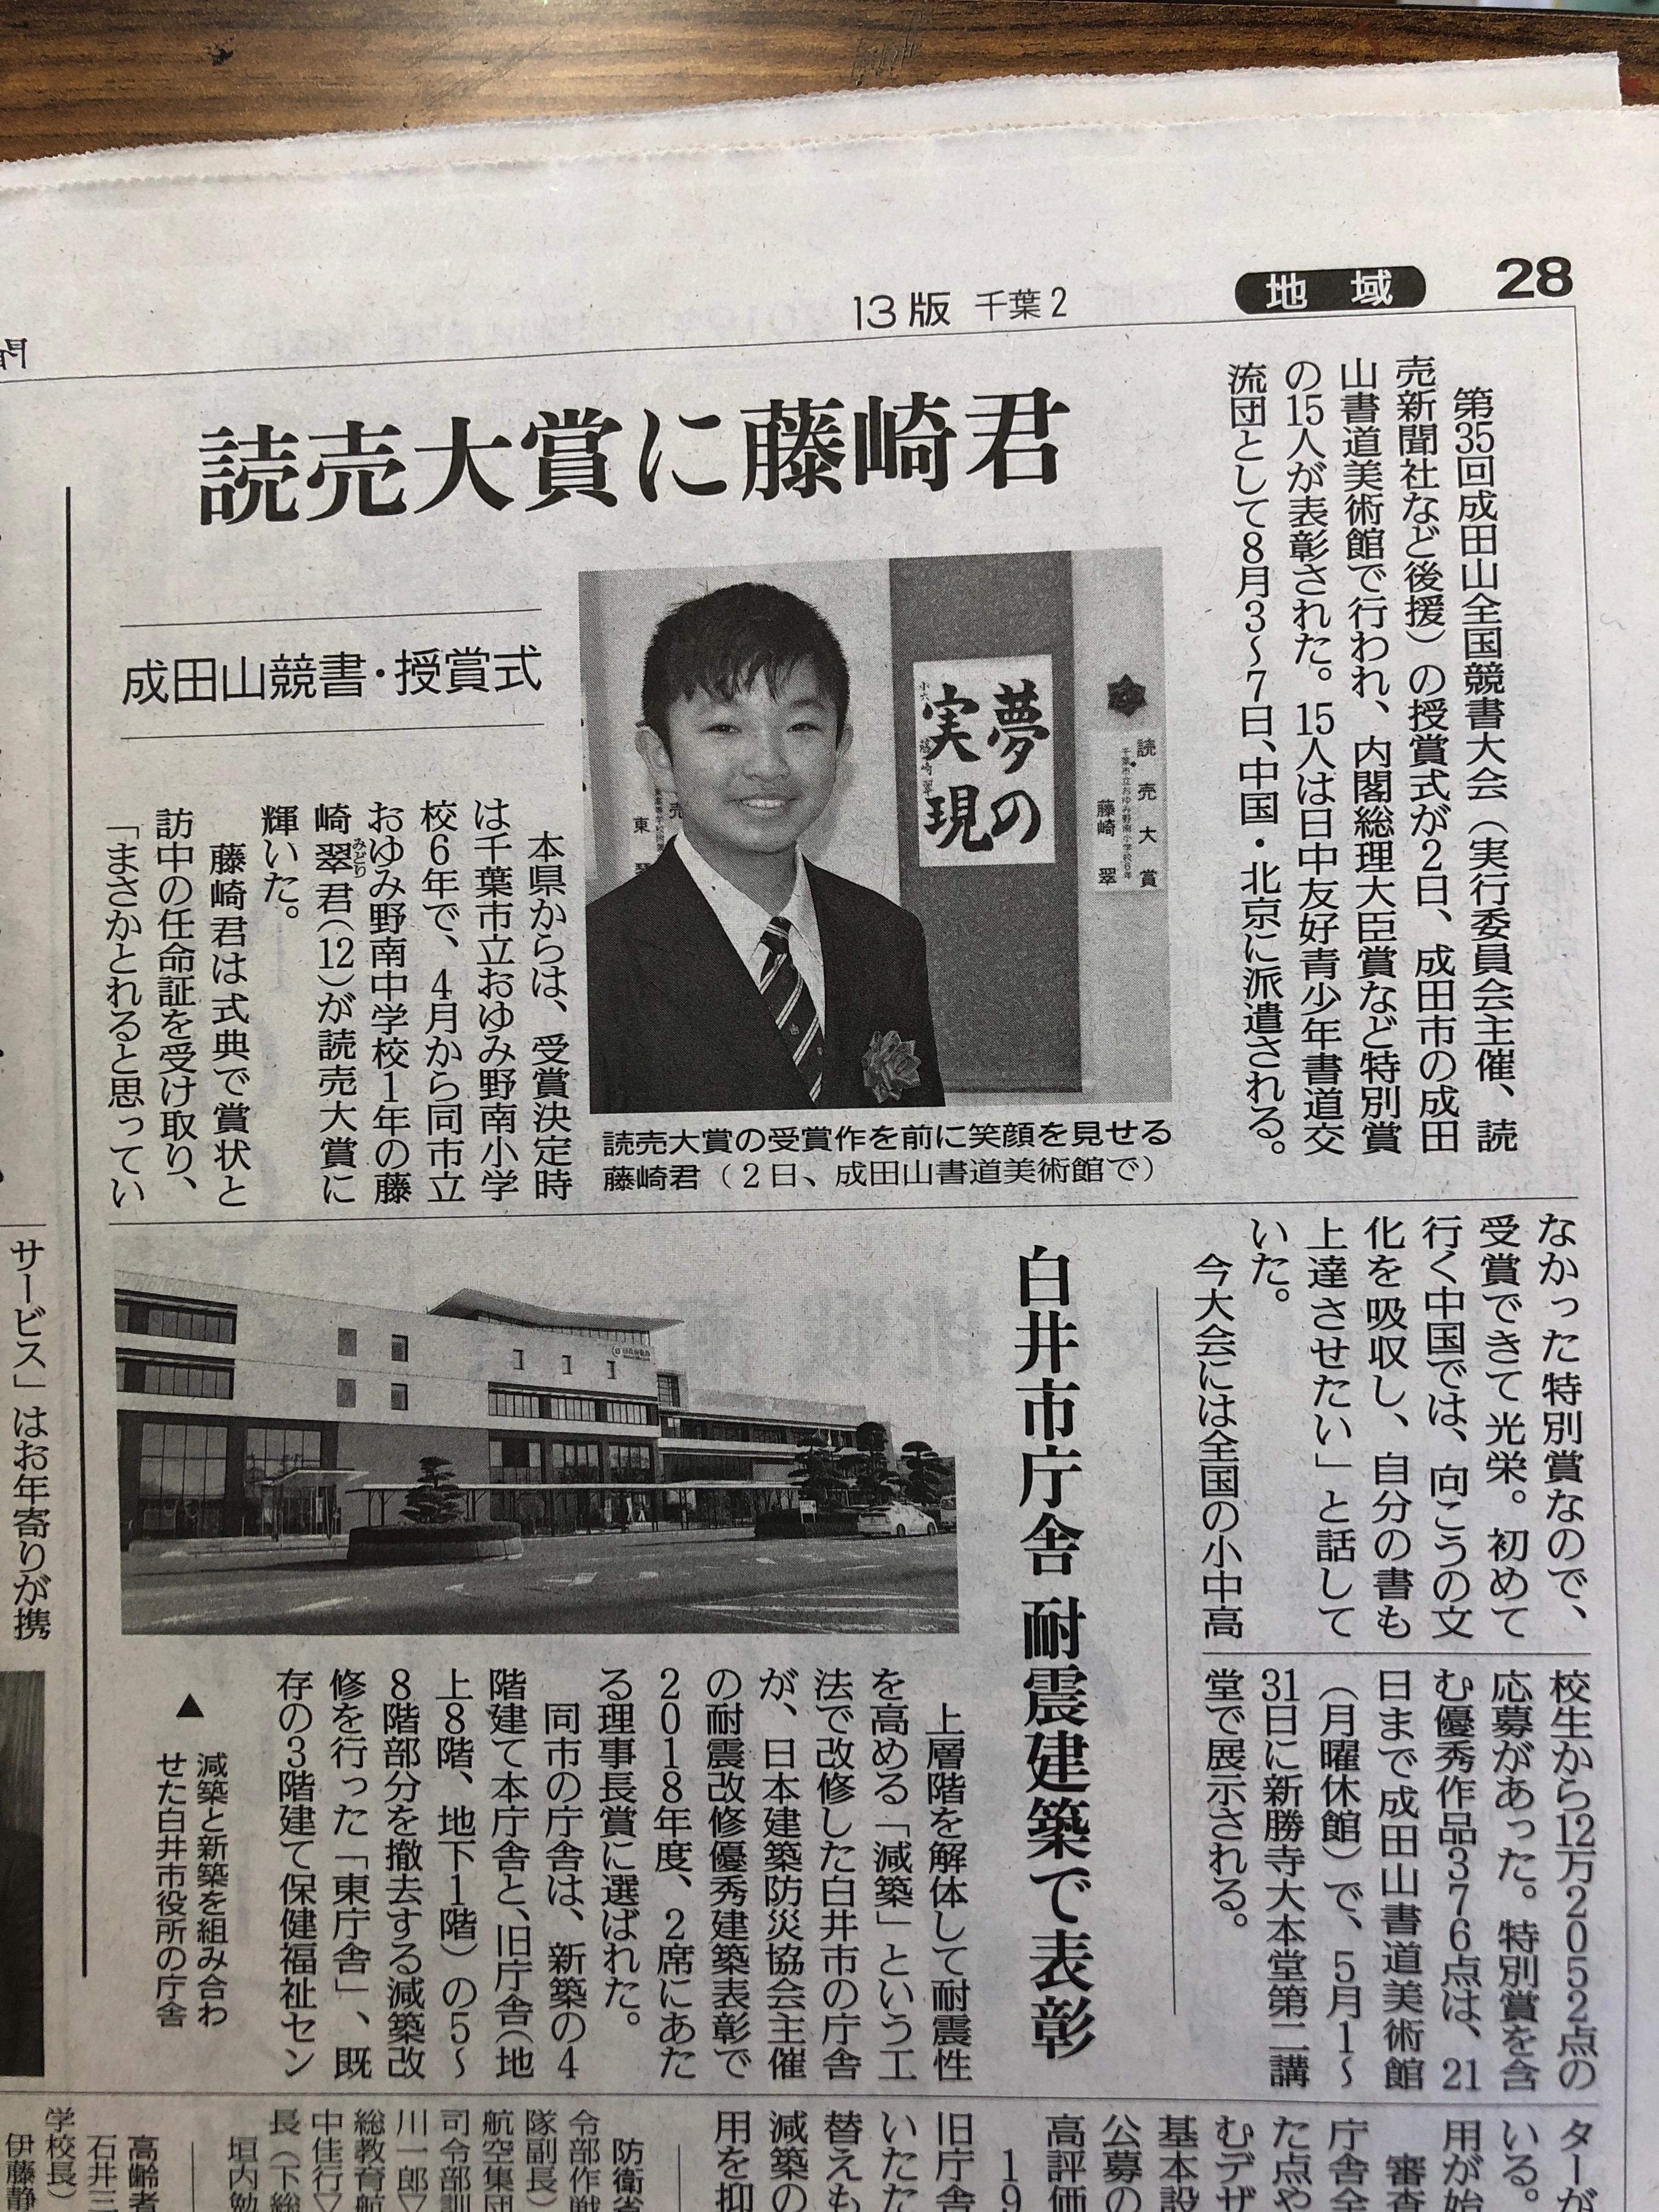 成田山全国競書大会で読売大賞を受賞しました